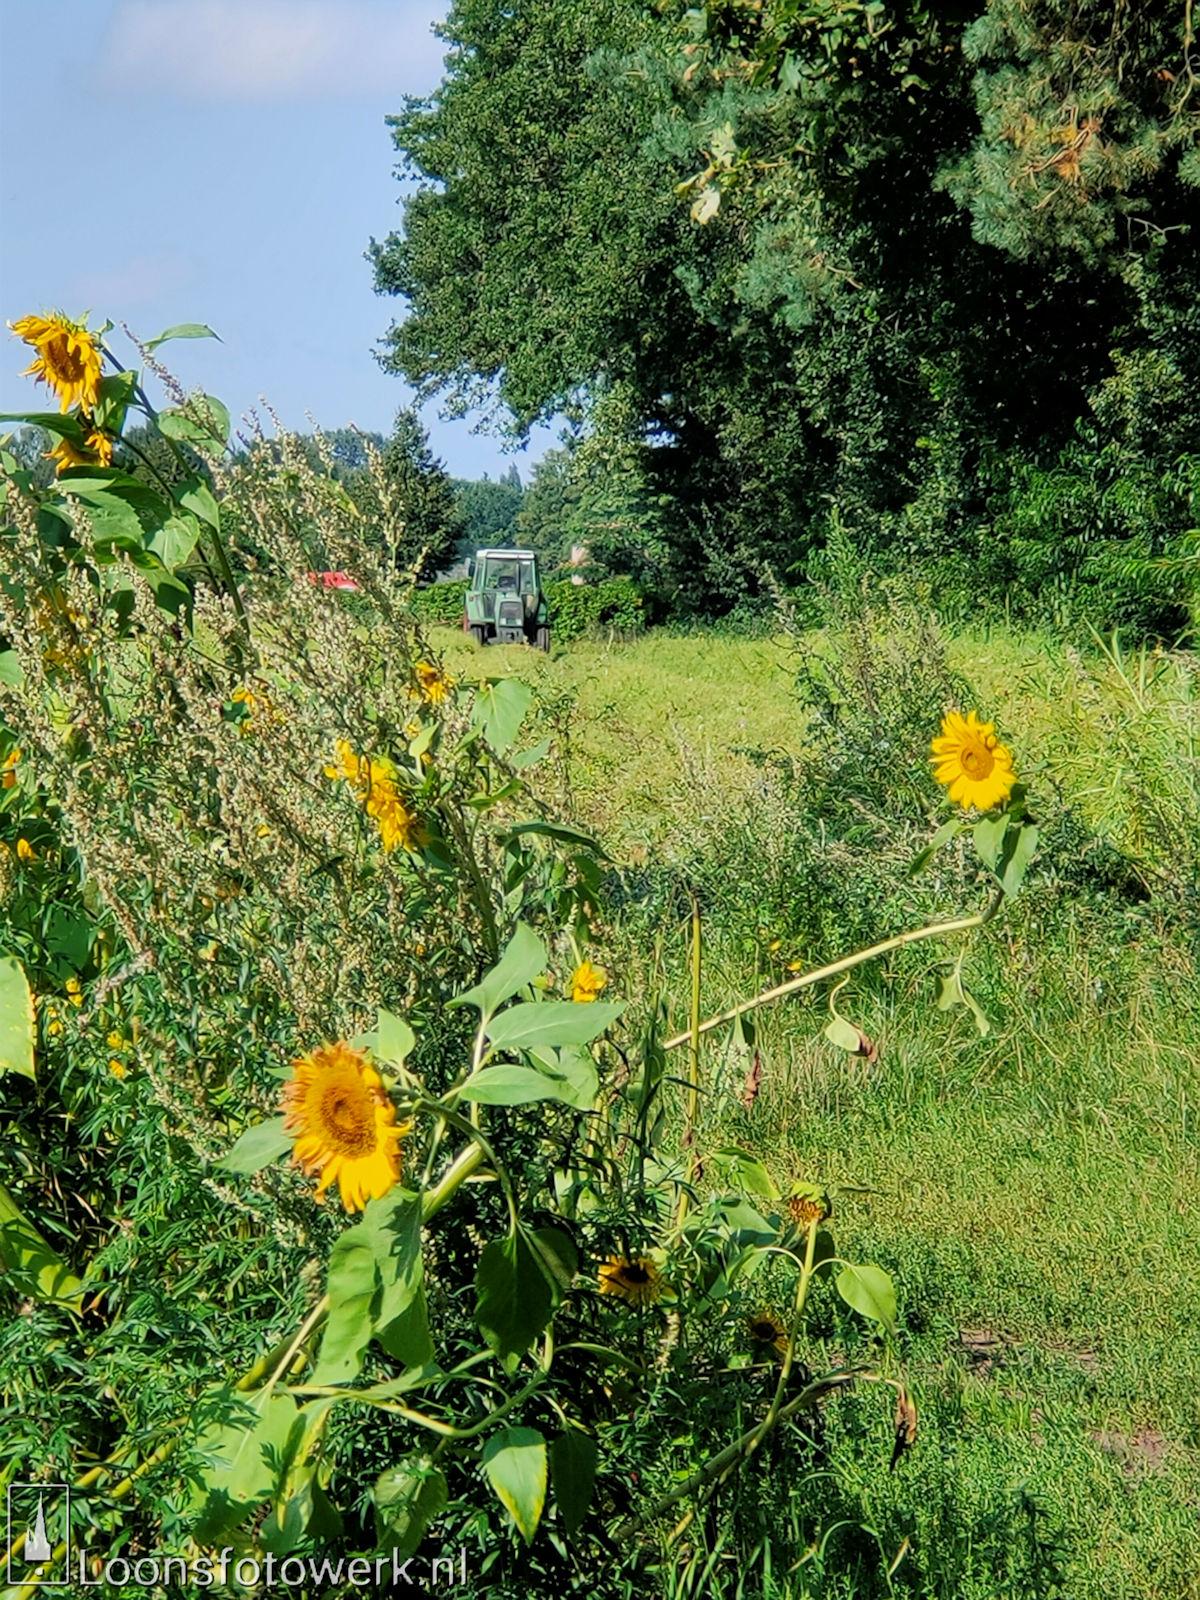 Zonnebloemen Duiksehoef 20